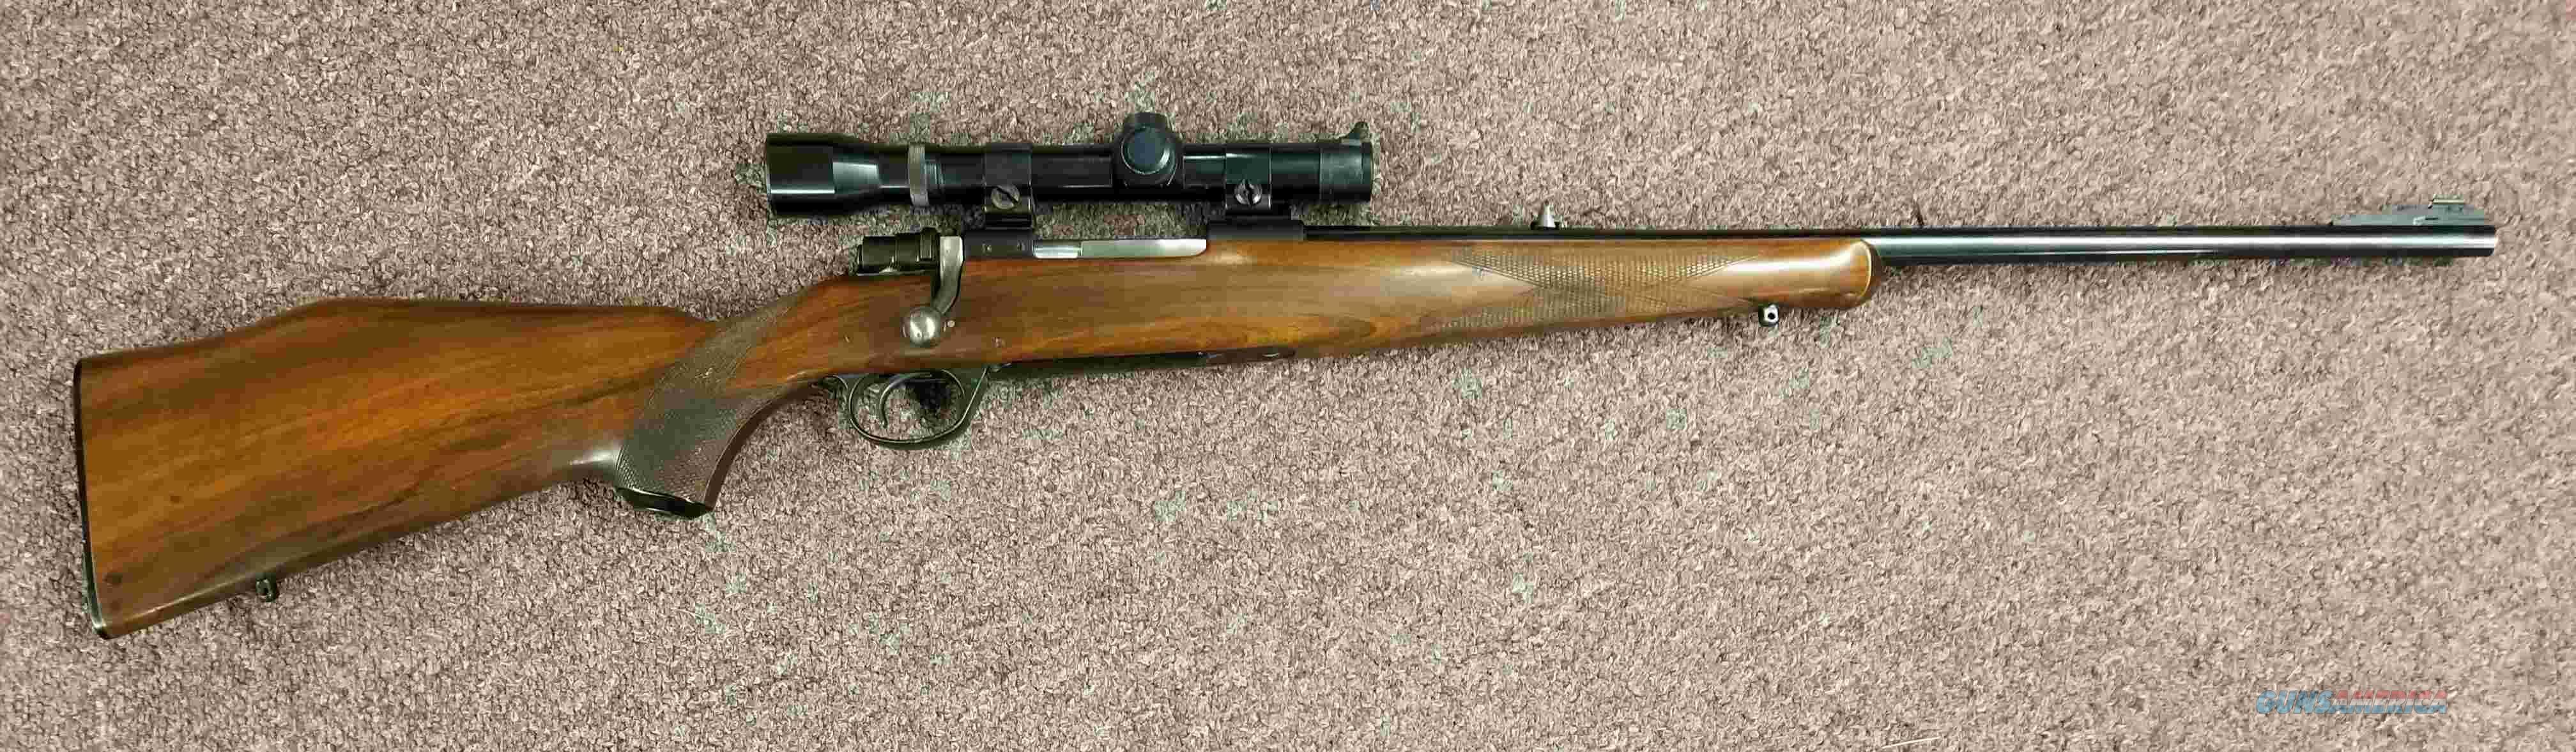 Husqvarna - Husky H-5000 - Hunting Rifle 30-06  --- Free Shipping !!!  Guns > Rifles > Husqvarna Rifles